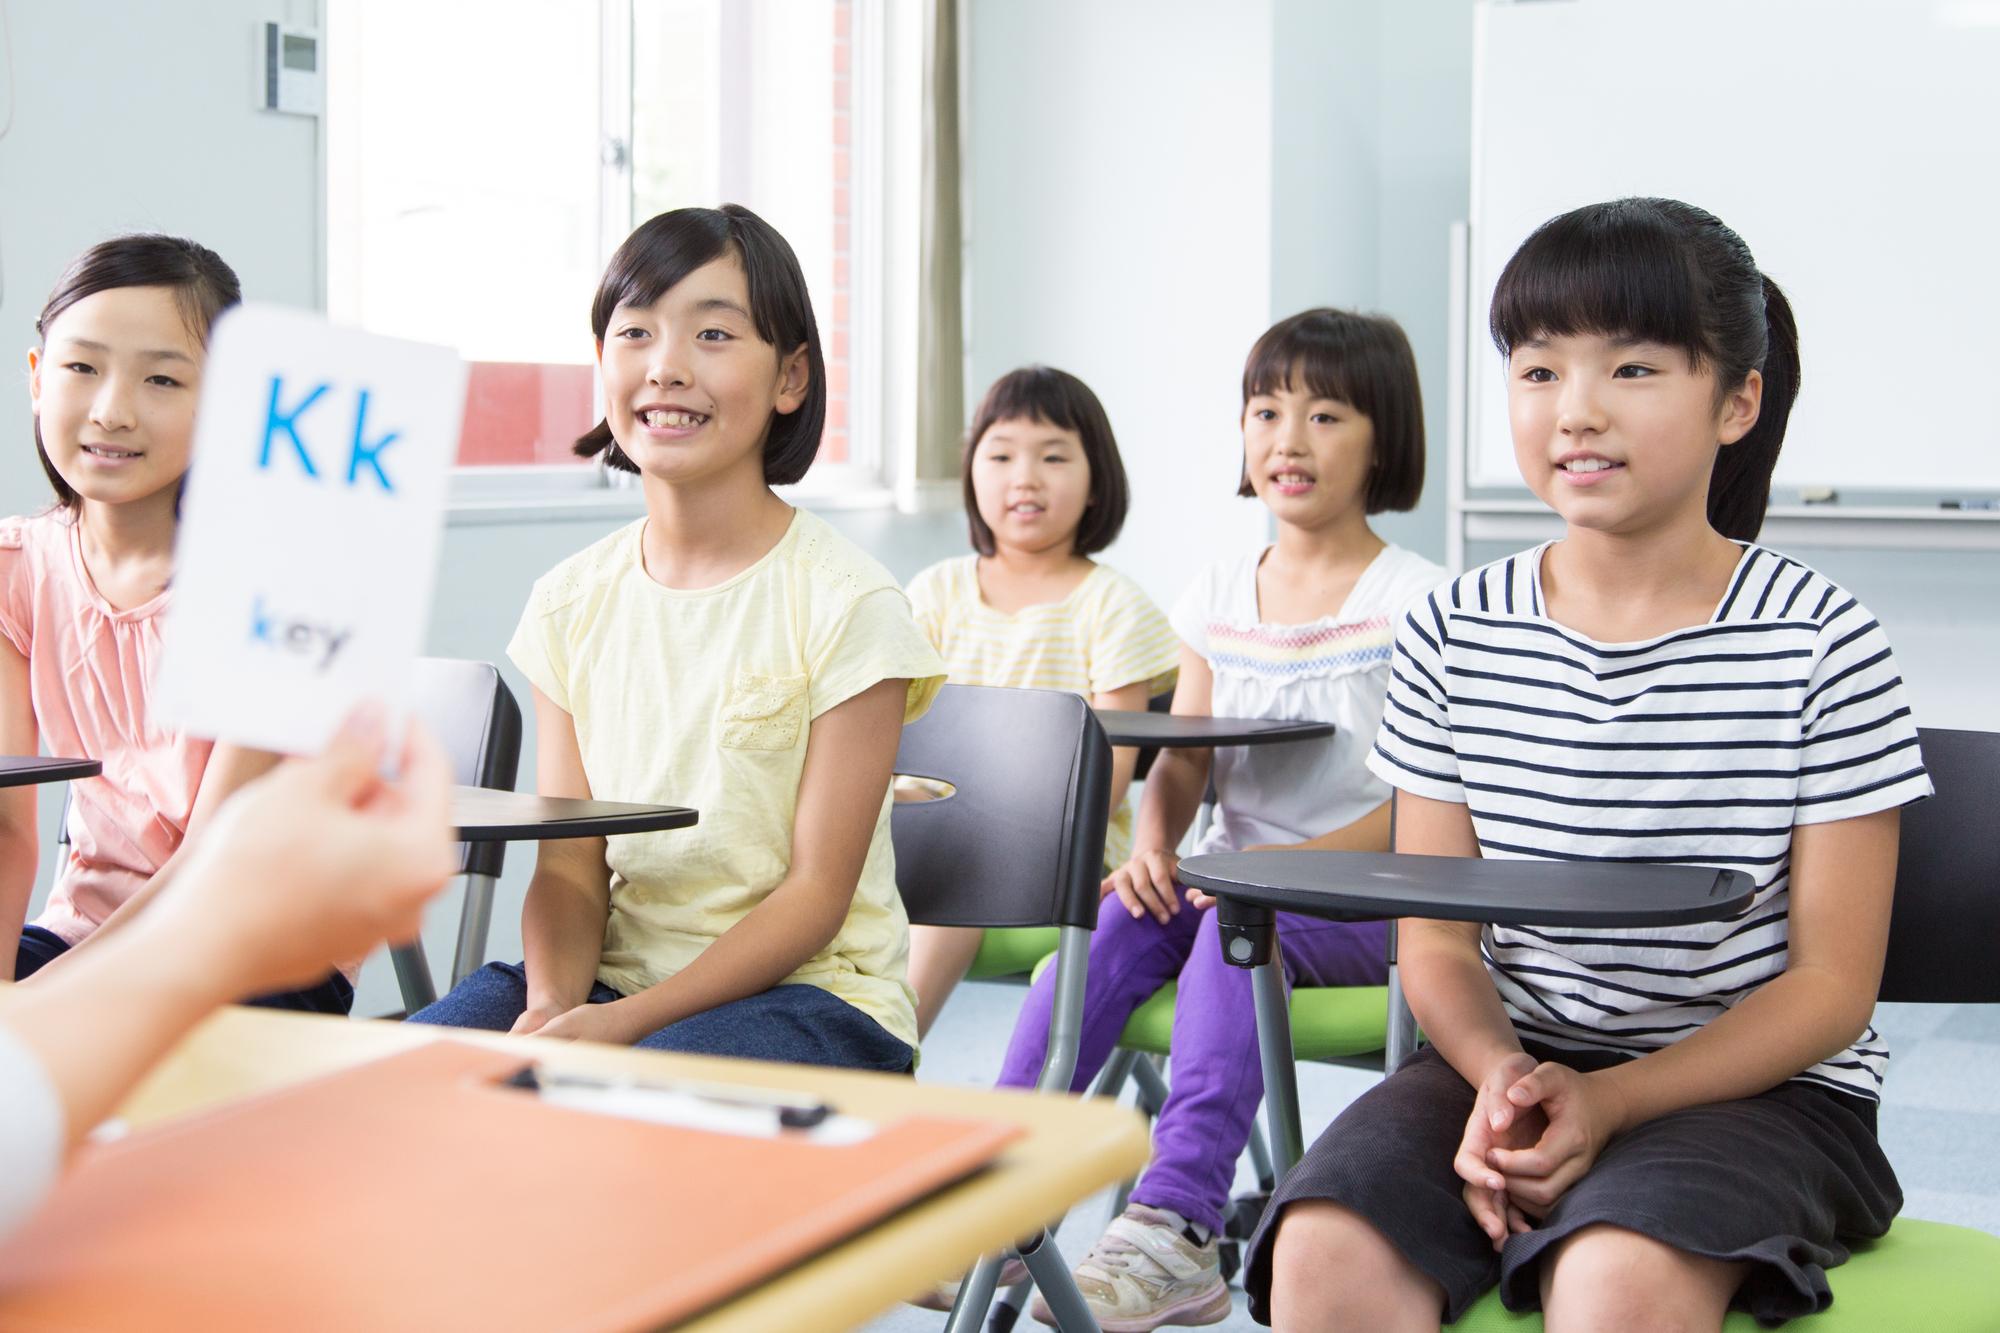 小学生の習い事ランキングTOP10|皆のオススメは?費用や通う数・時間帯も